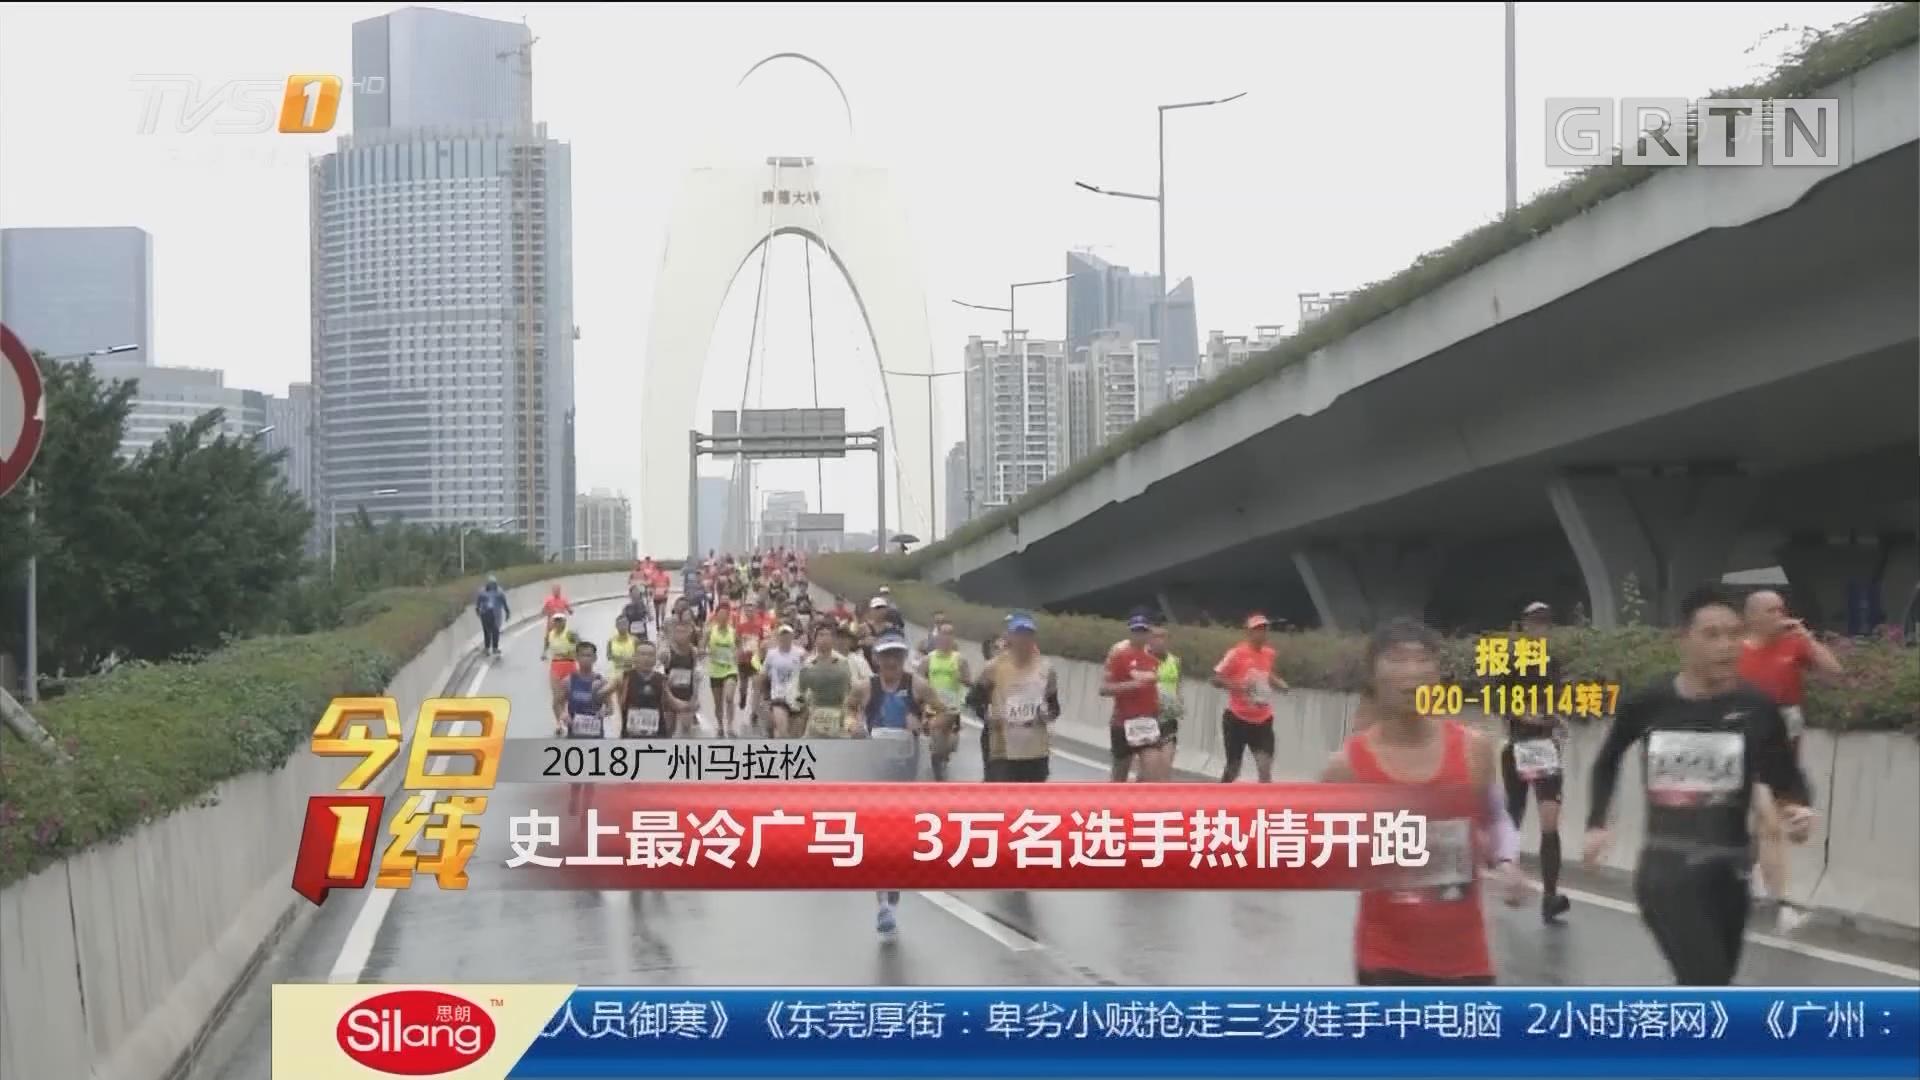 2018广州马拉松:史上最冷广马 3万名选手热情开跑